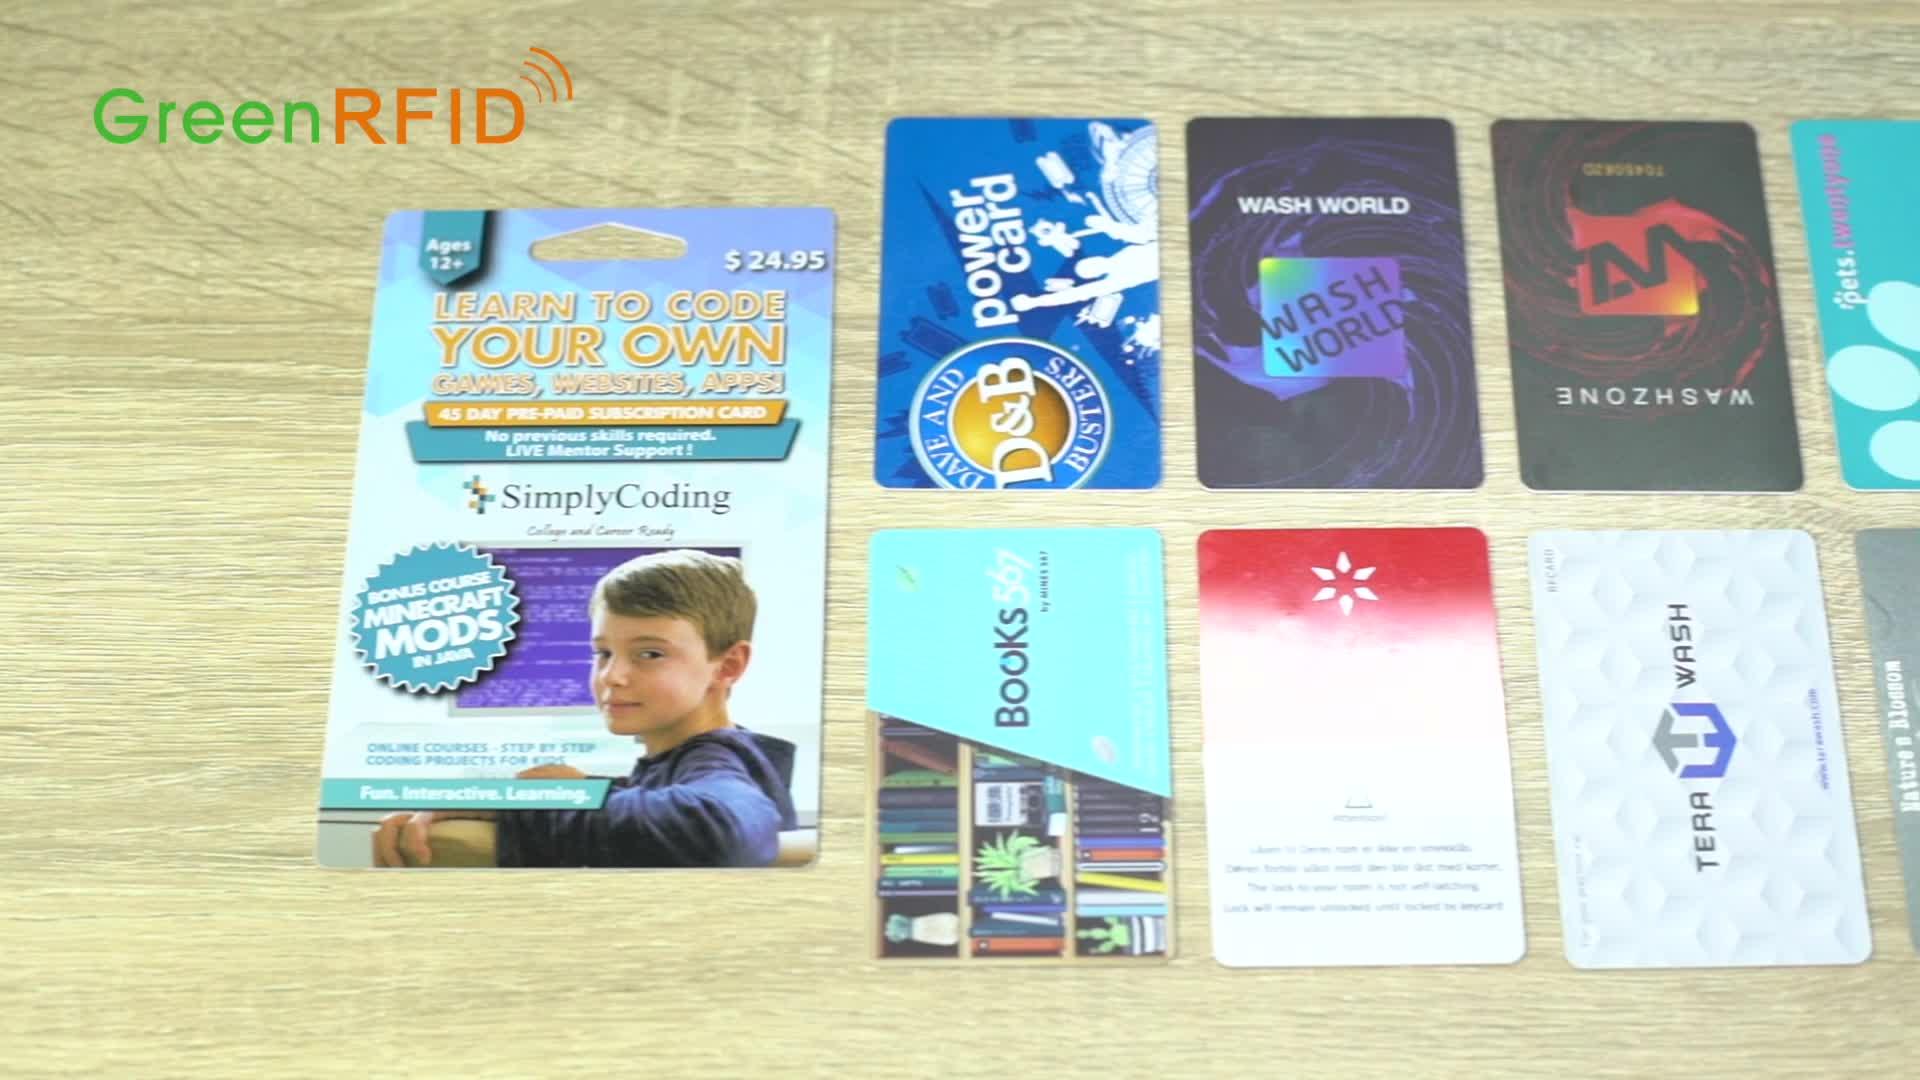 रिक्त HiCo 3-ट्रैक चुंबकीय पट्टी कार्ड CR80 30Mil सफेद Magstripe पीवीसी कड़ी चोट कार्ड